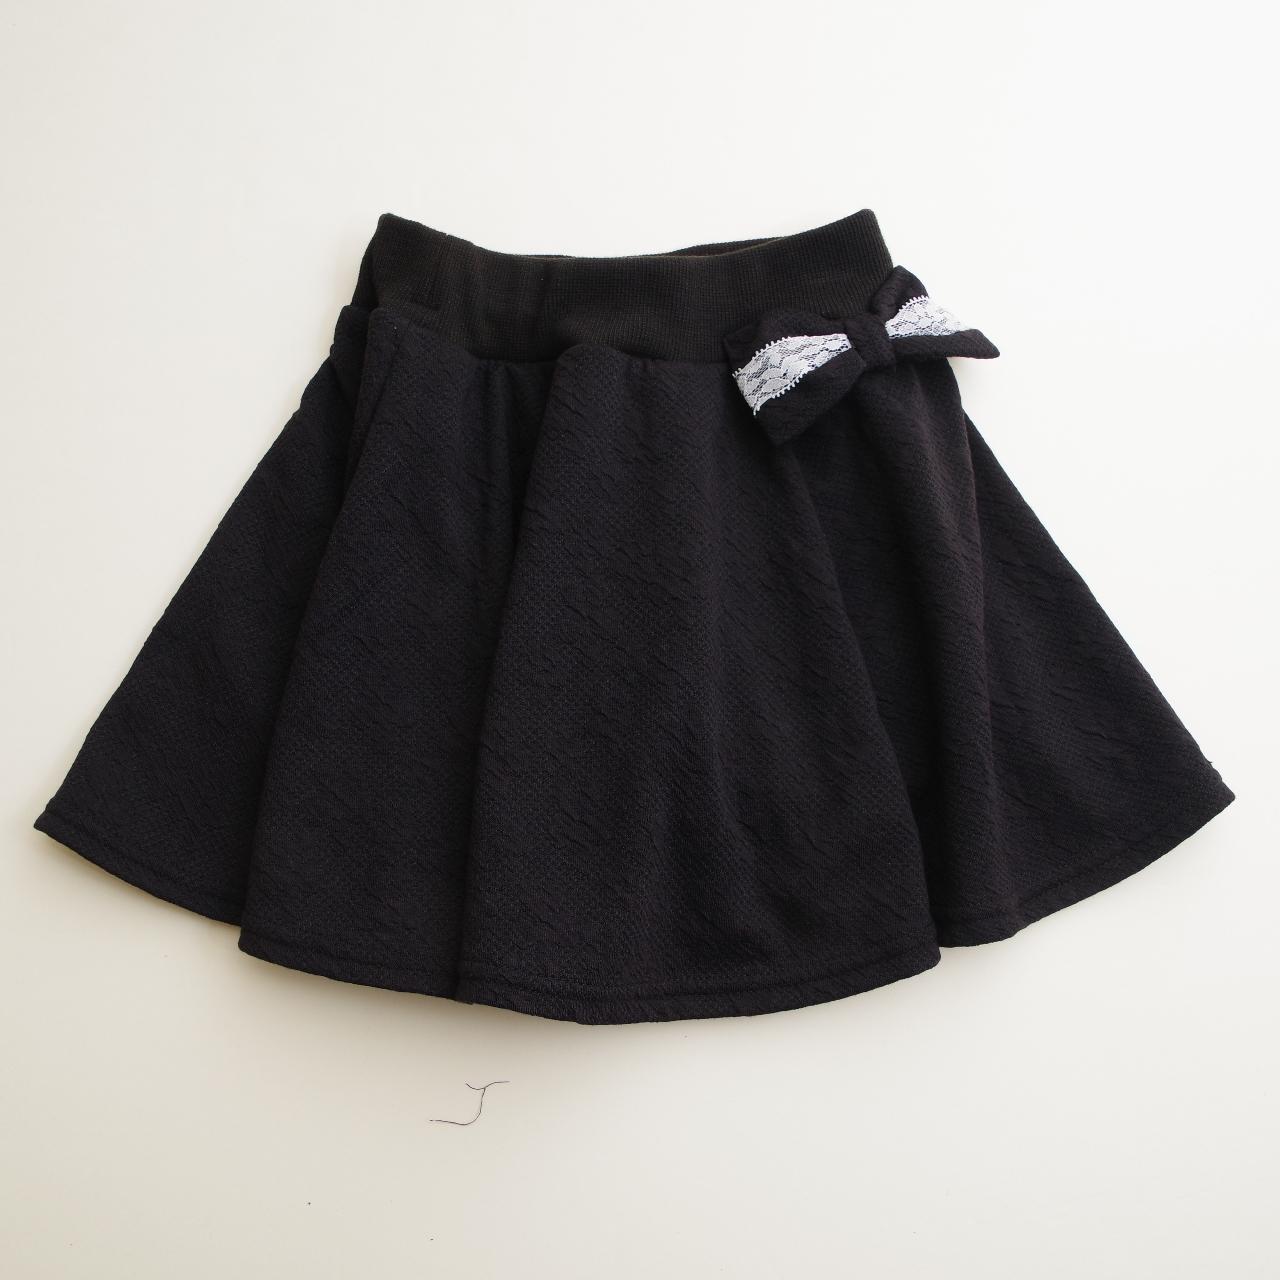 フレアースカート パンツイン ブラック 110cm/120cm/130cm(56000)